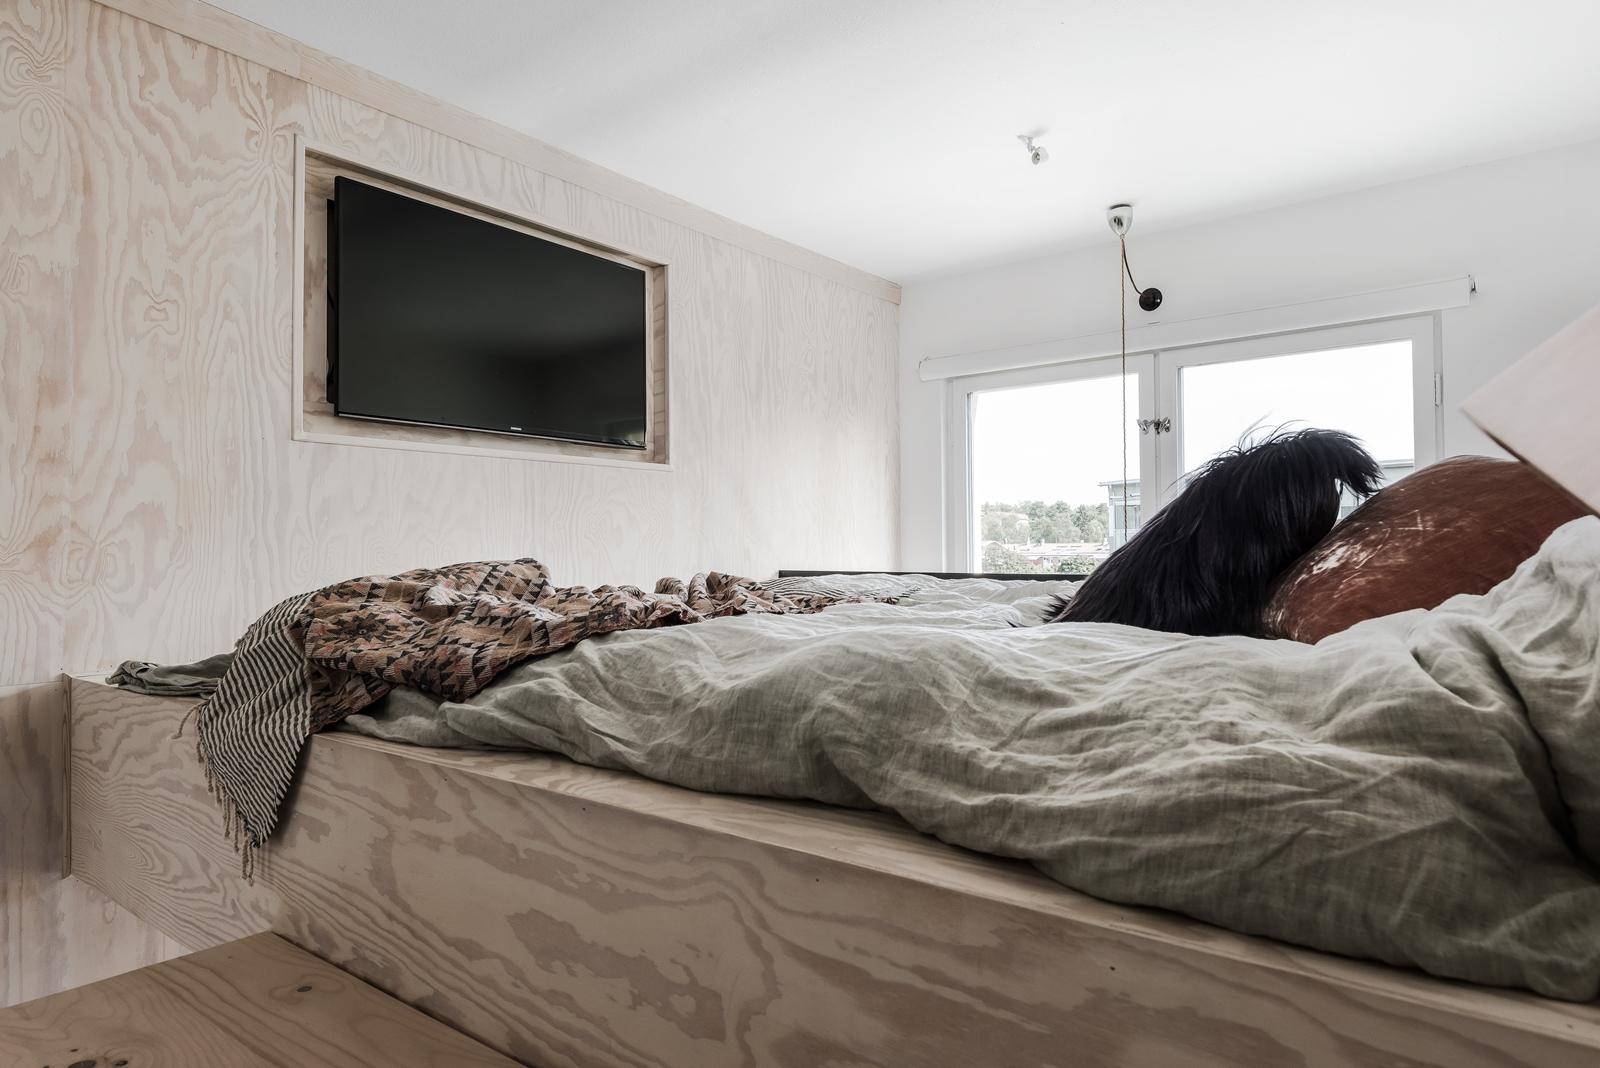 антресоли кровать телевизор